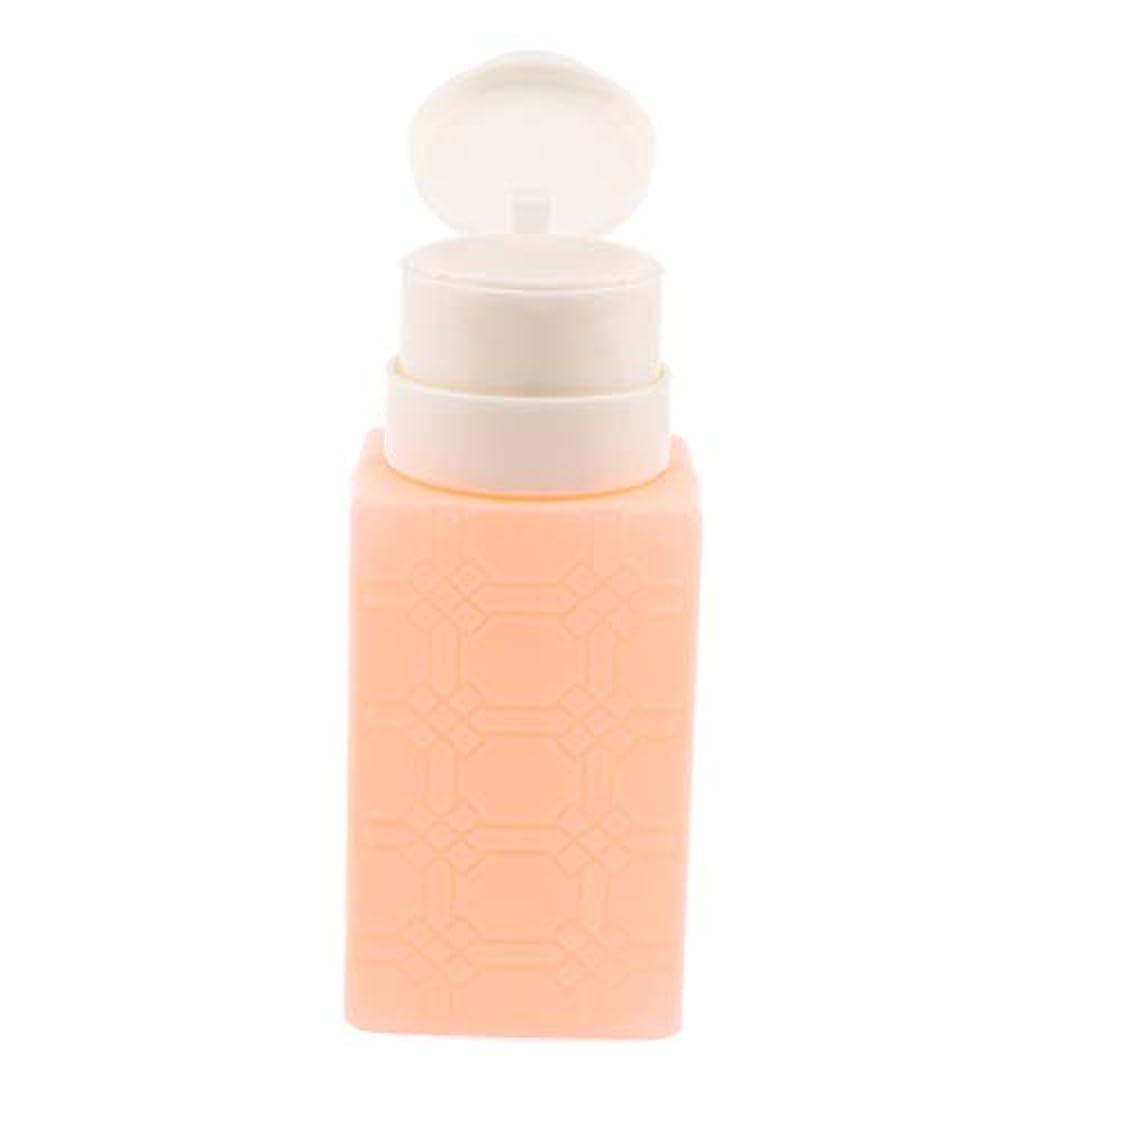 甘くする通行料金分数200ミリリットルネイルアートのヒント空ディスペンサーアクリルリムーバーポンプボトル - オレンジ